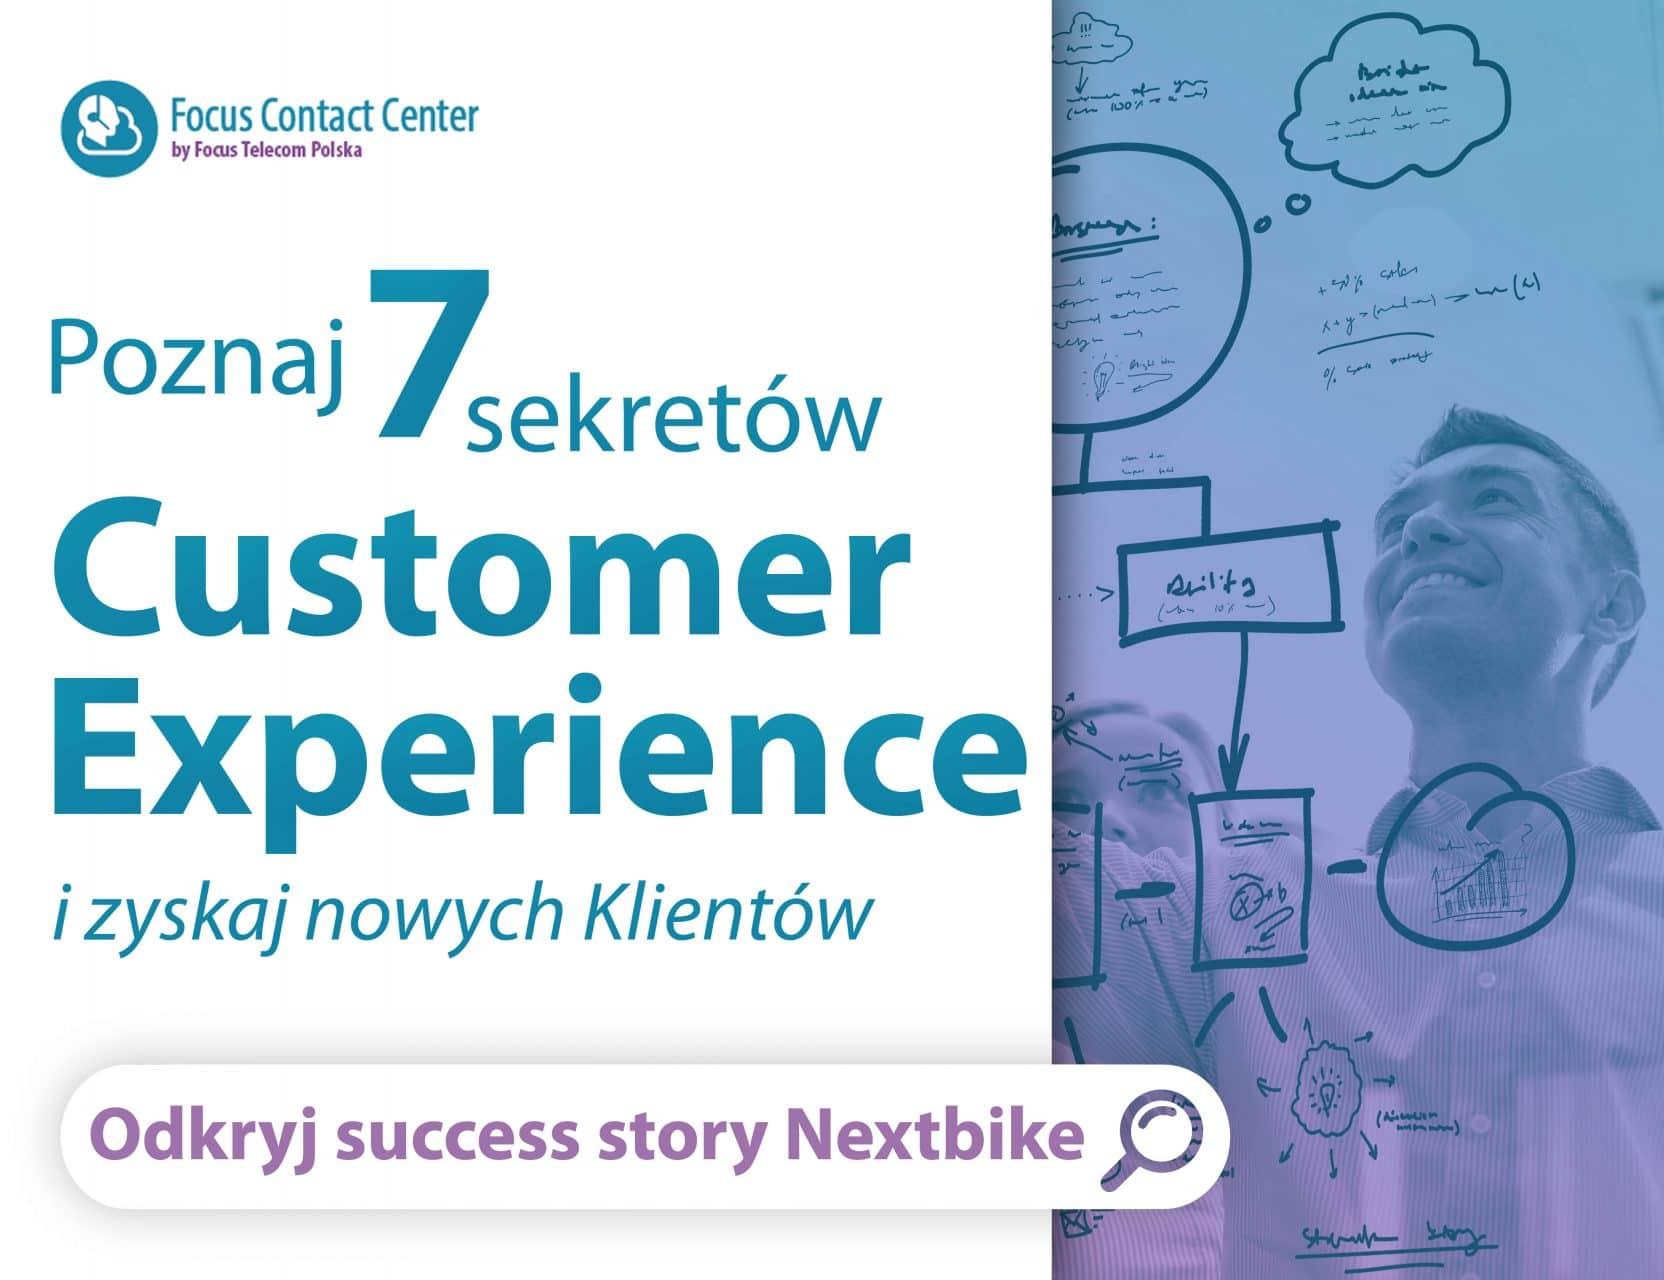 System do obsługi reklamacji, jak obsługiwać reklamacje - ebook customer experience